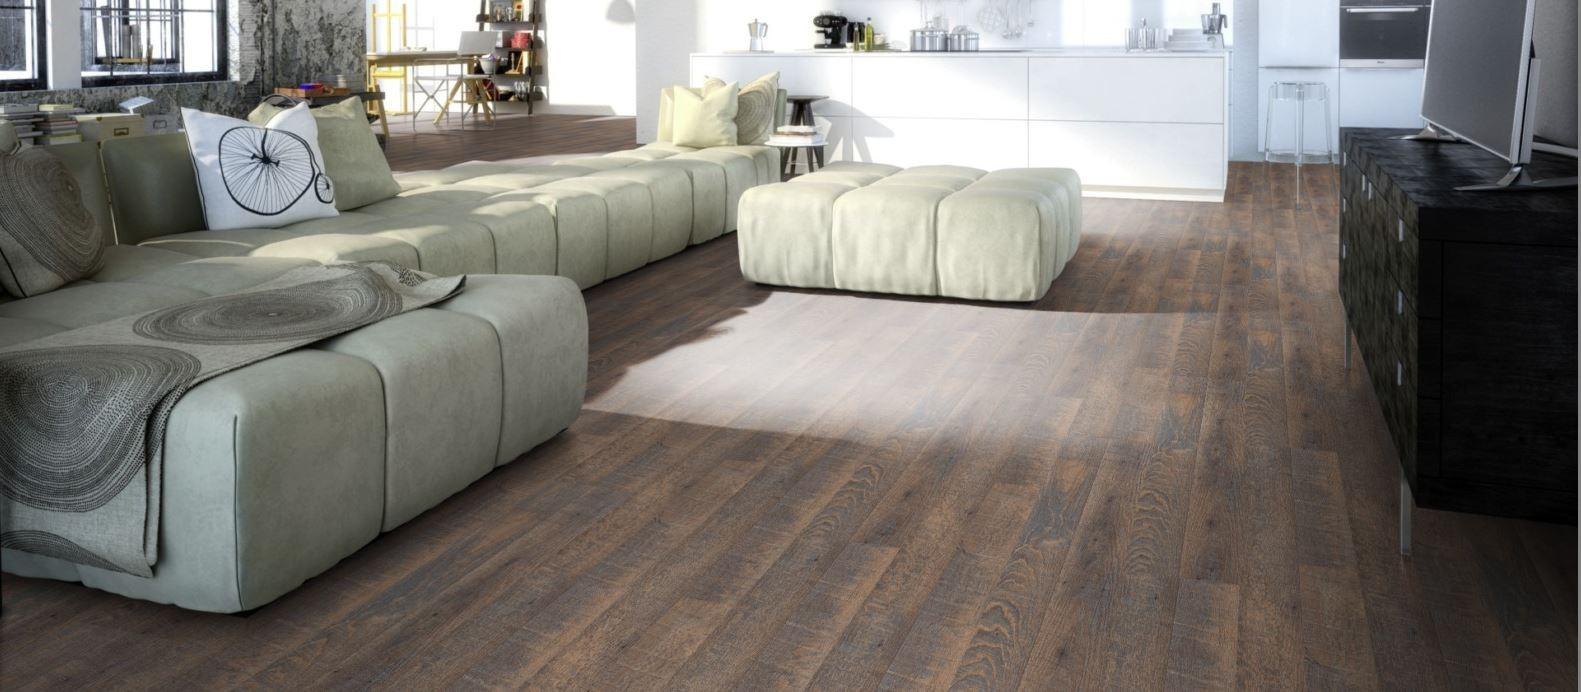 klick vinylboden project hickory ns 0 5 mm nk 33 42. Black Bedroom Furniture Sets. Home Design Ideas